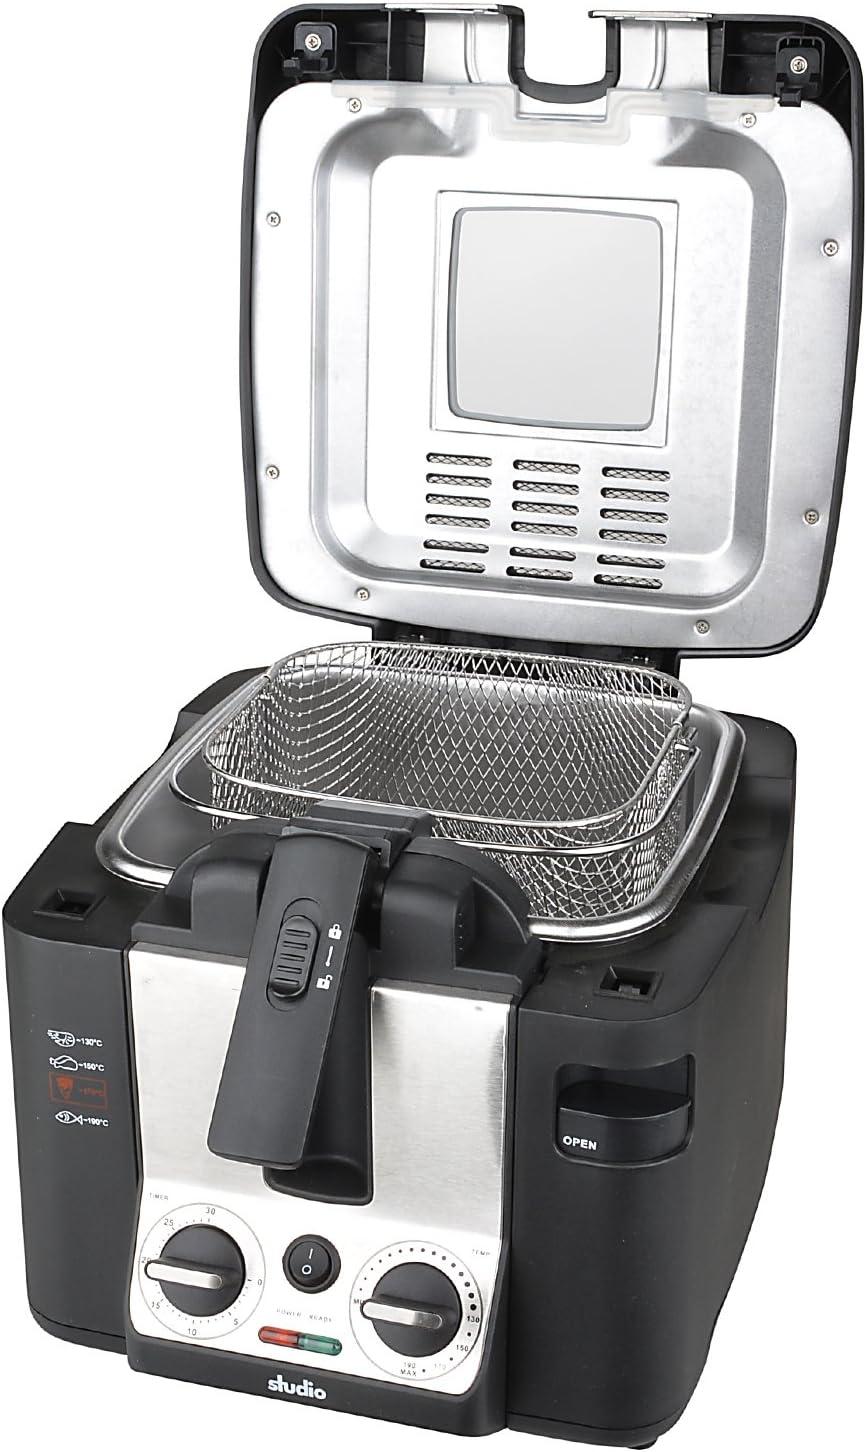 Eléctrico freidora 2,2 litros de aluminio permanente de filtro 2800 W cesta de freír de acero inoxidable: Amazon.es: Hogar